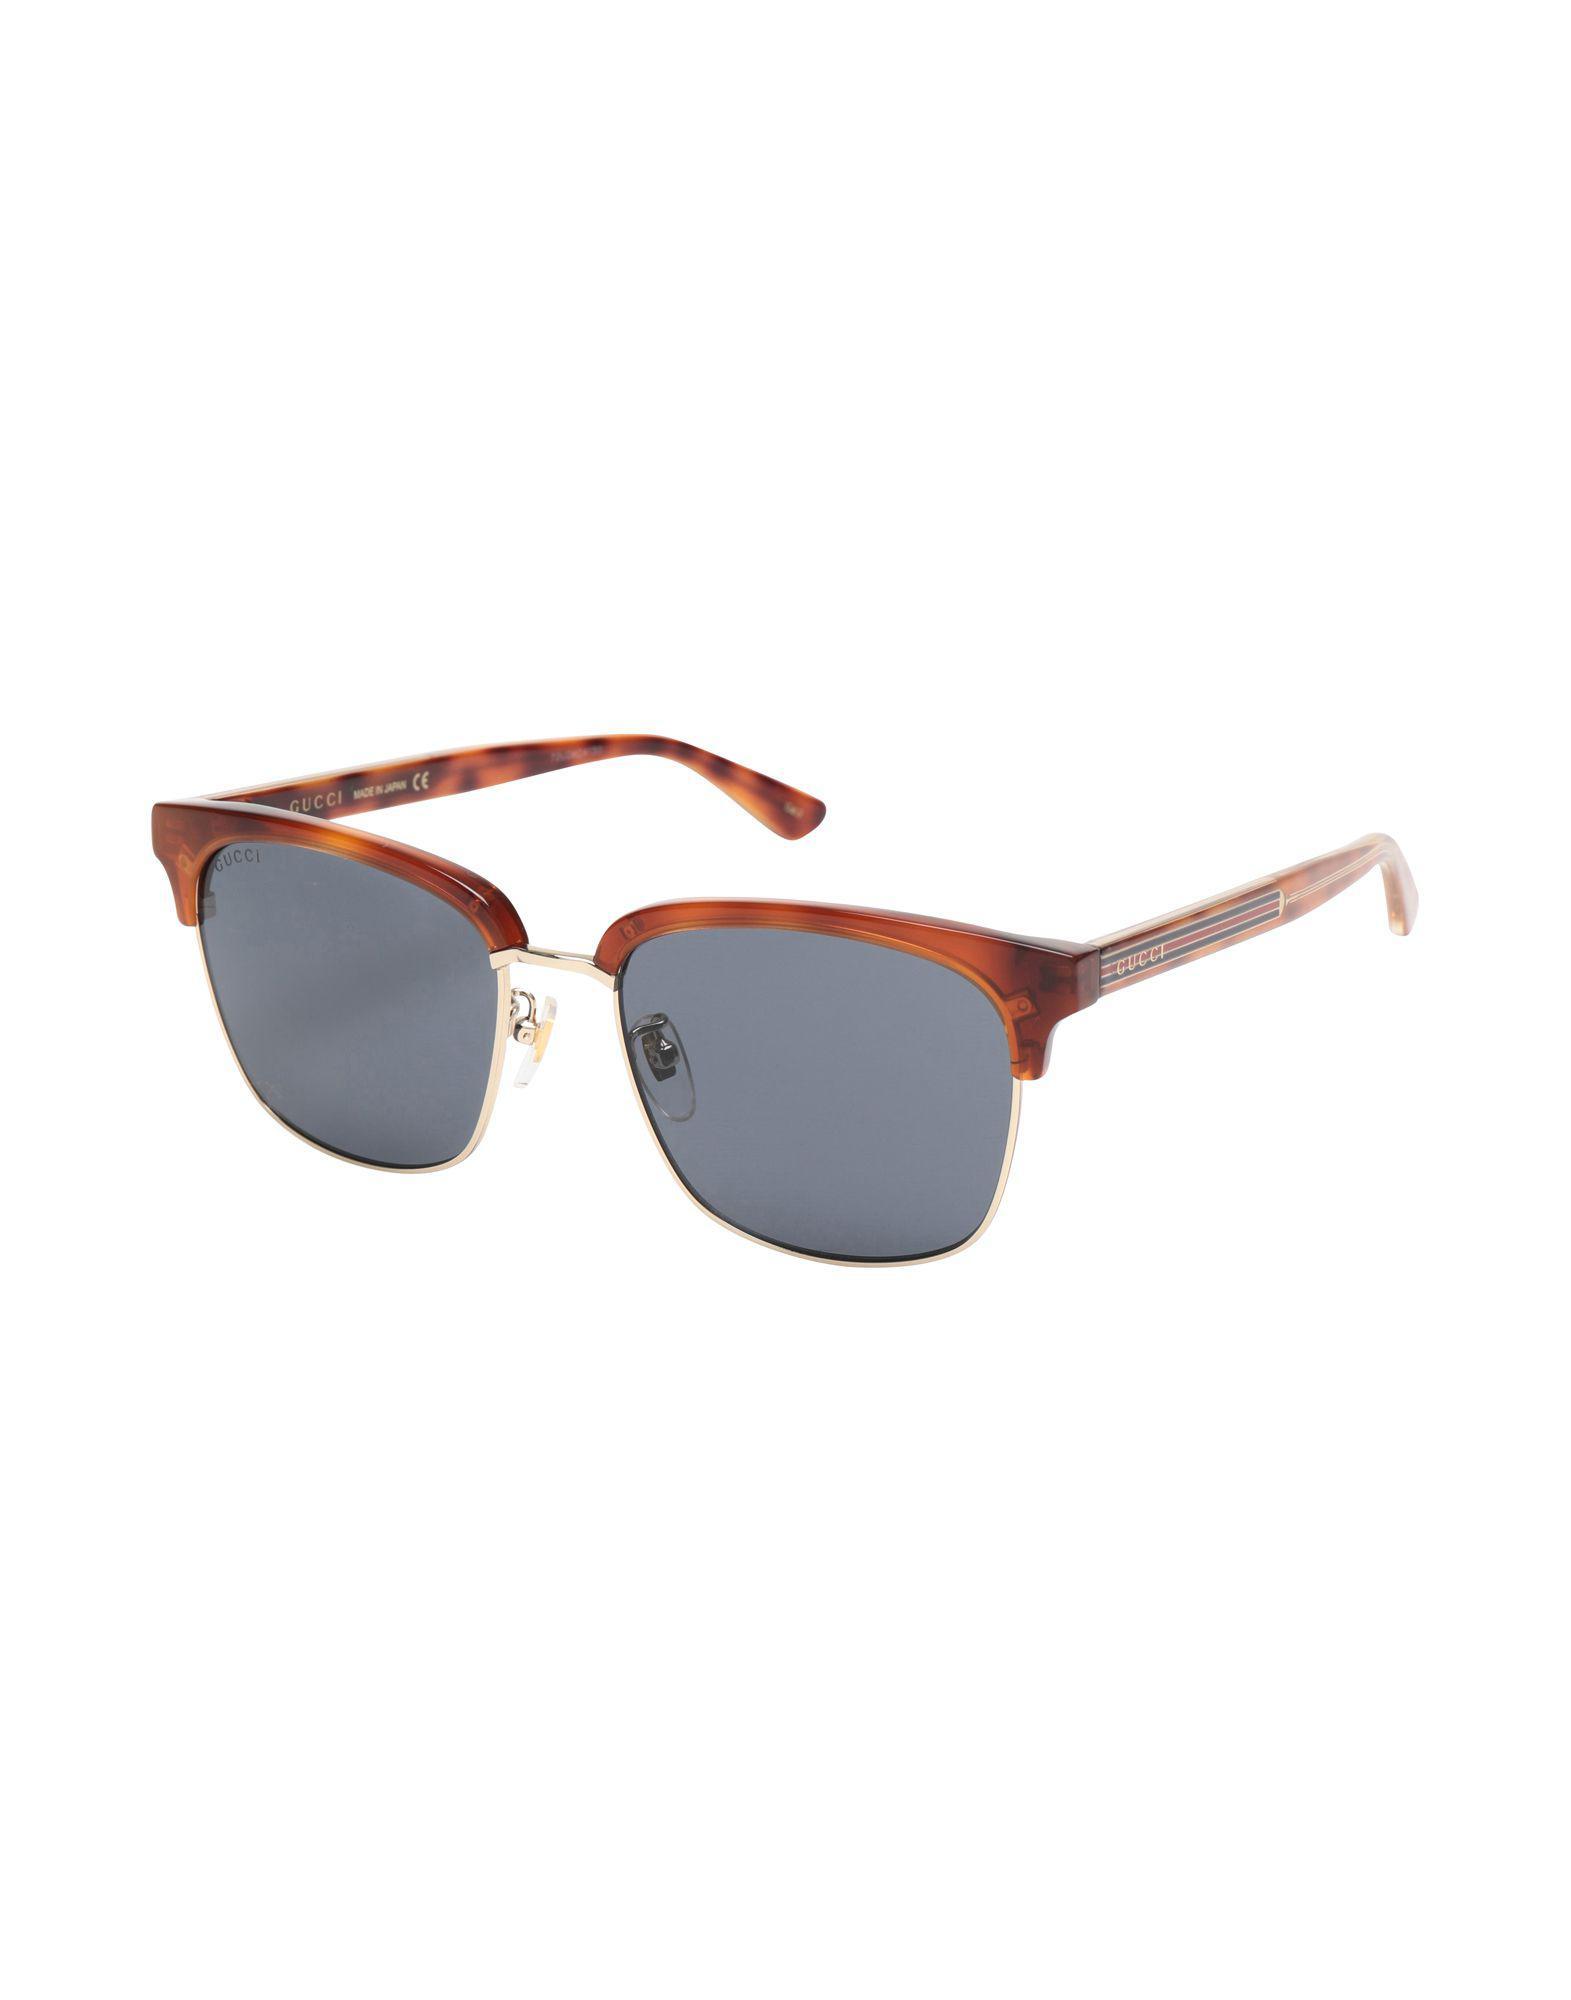 162e9f6233c Gucci - Brown Sunglasses for Men - Lyst. View fullscreen